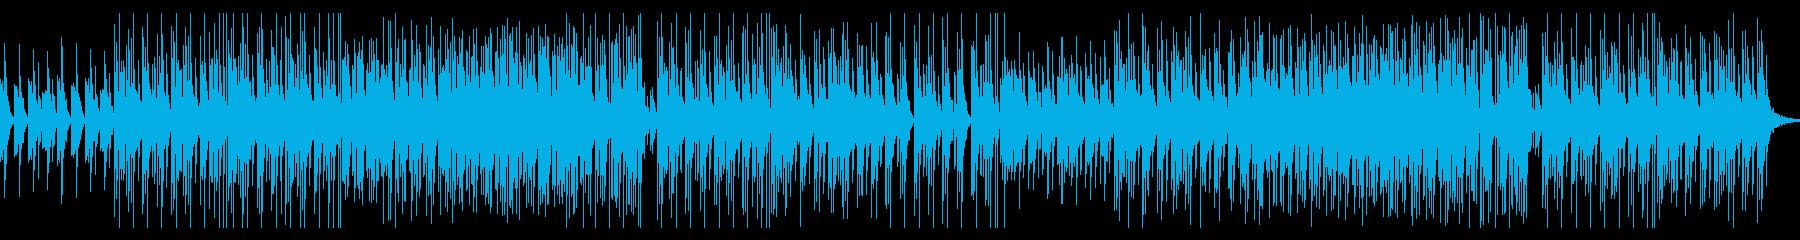 3拍子かわいい系テクノ・ポップの再生済みの波形